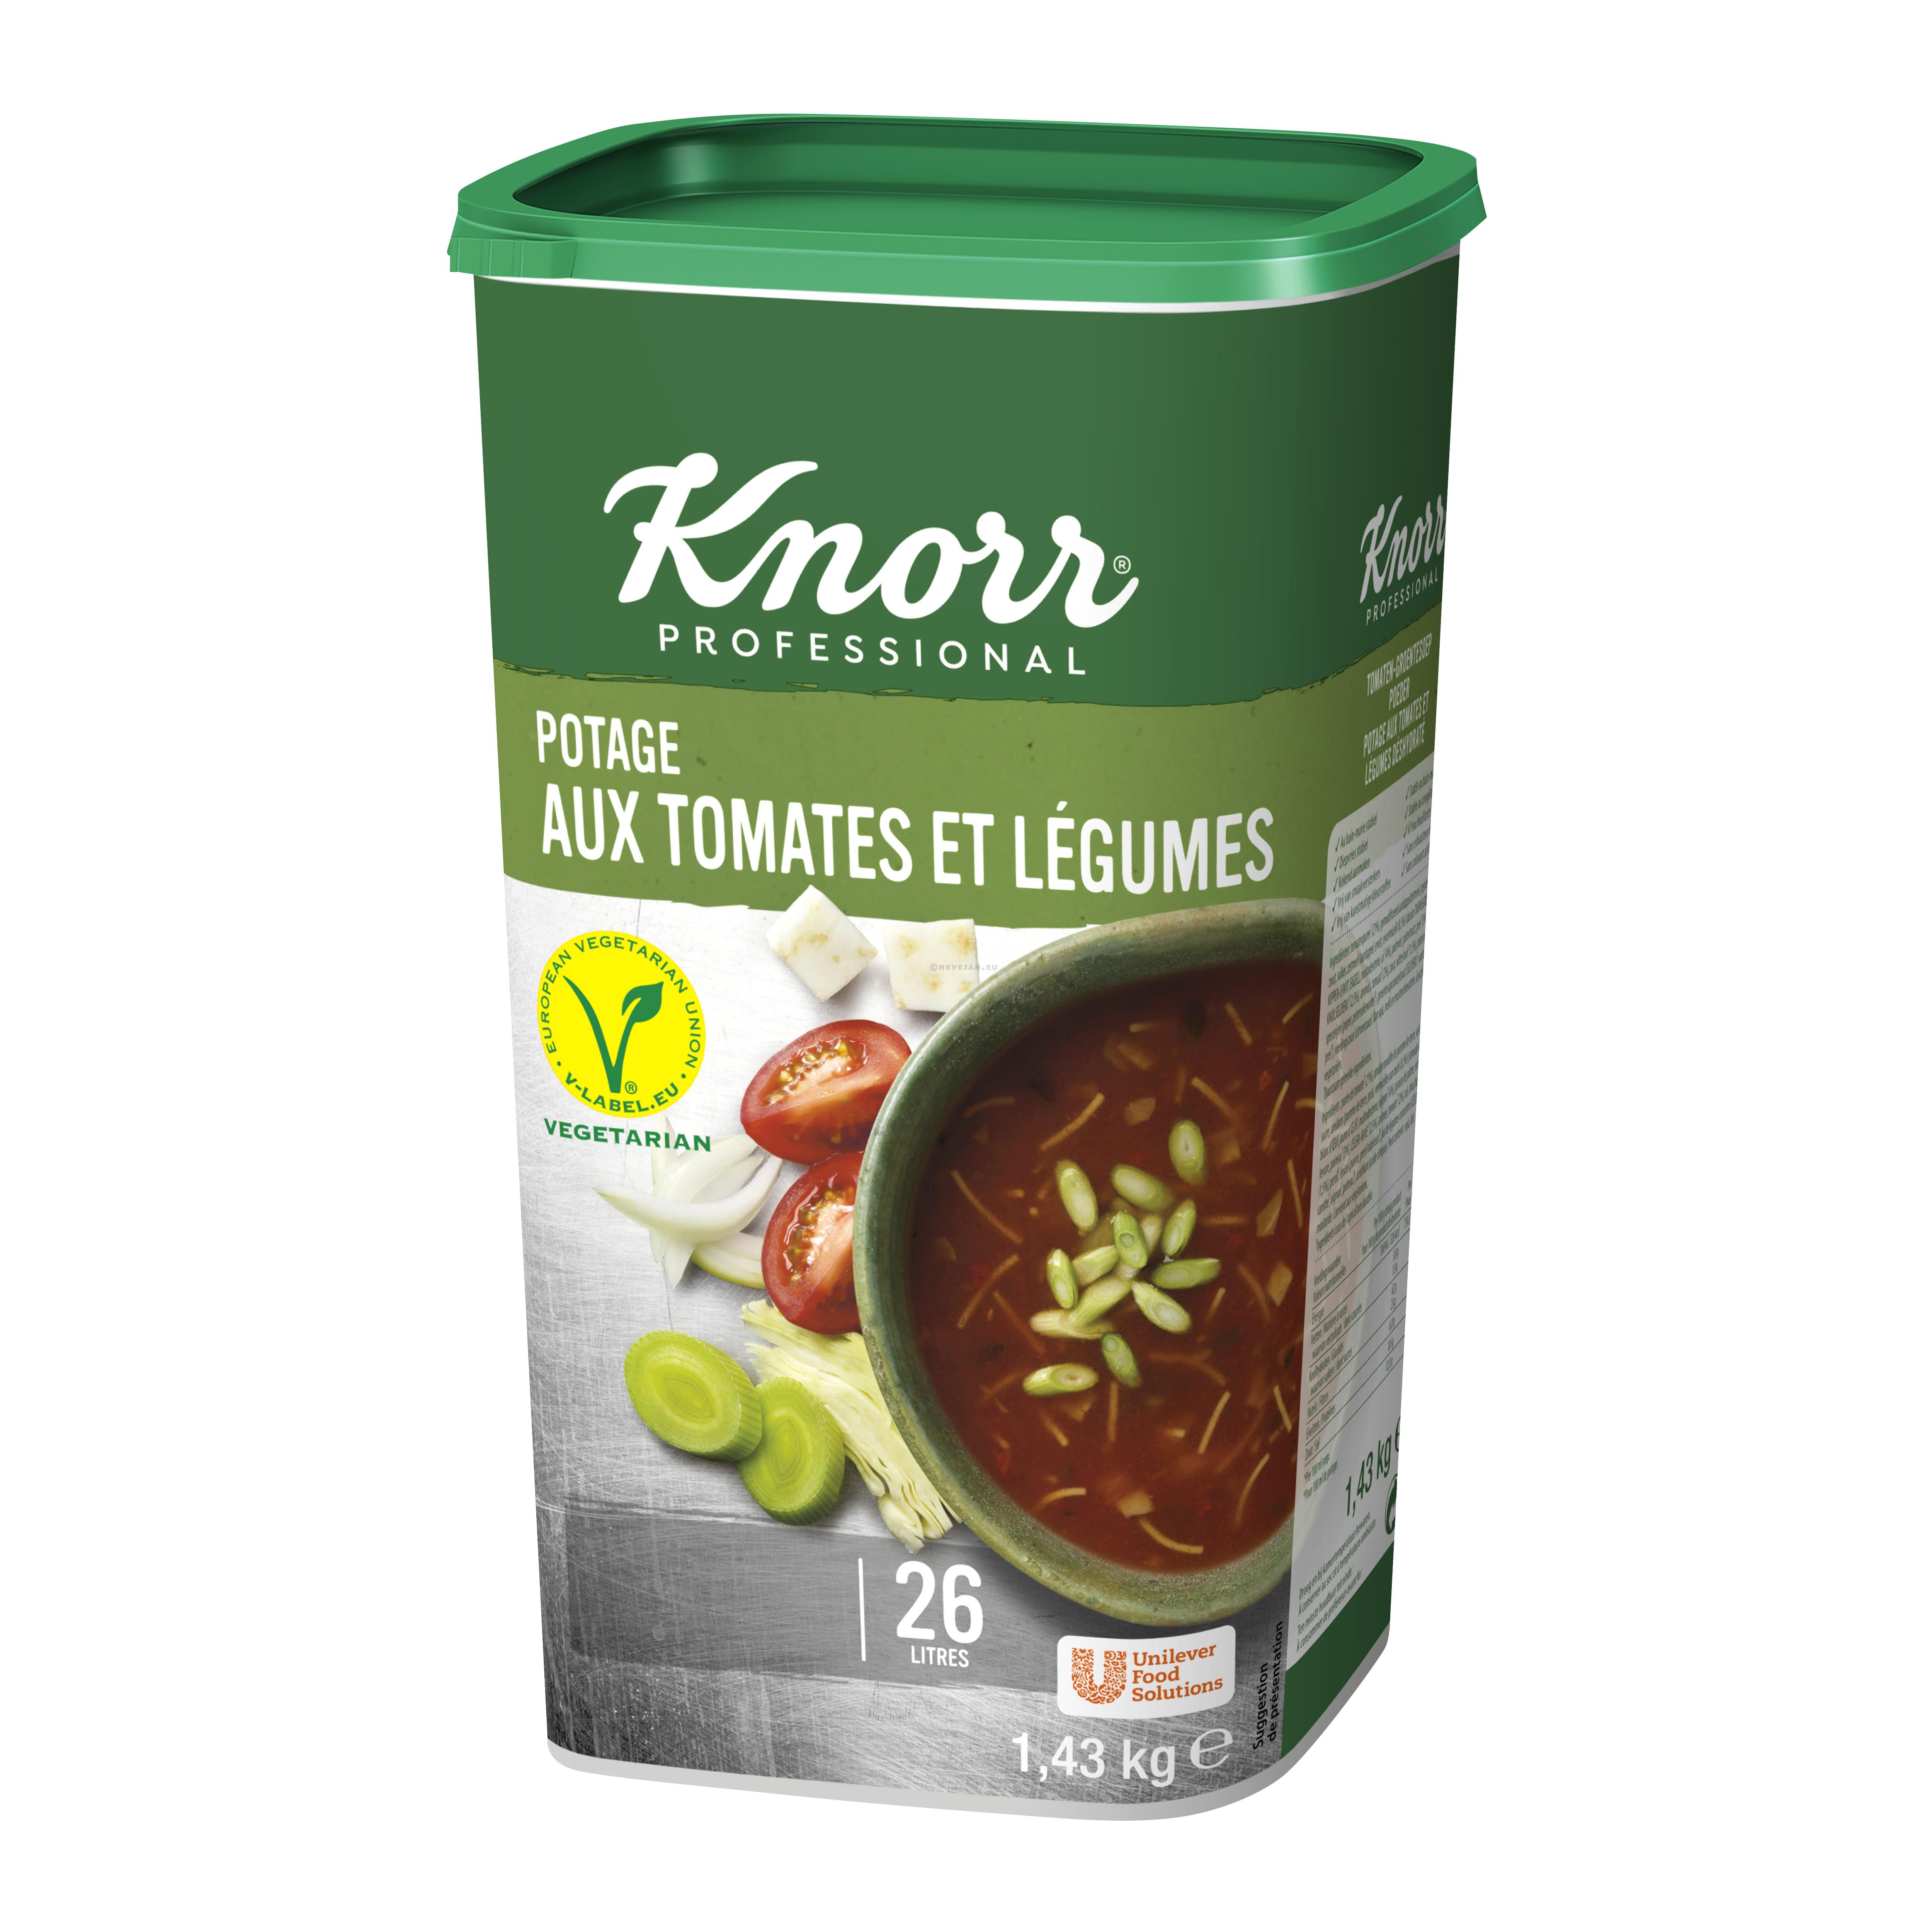 Knorr potage aux tomates et legumes 1.43kg Professional